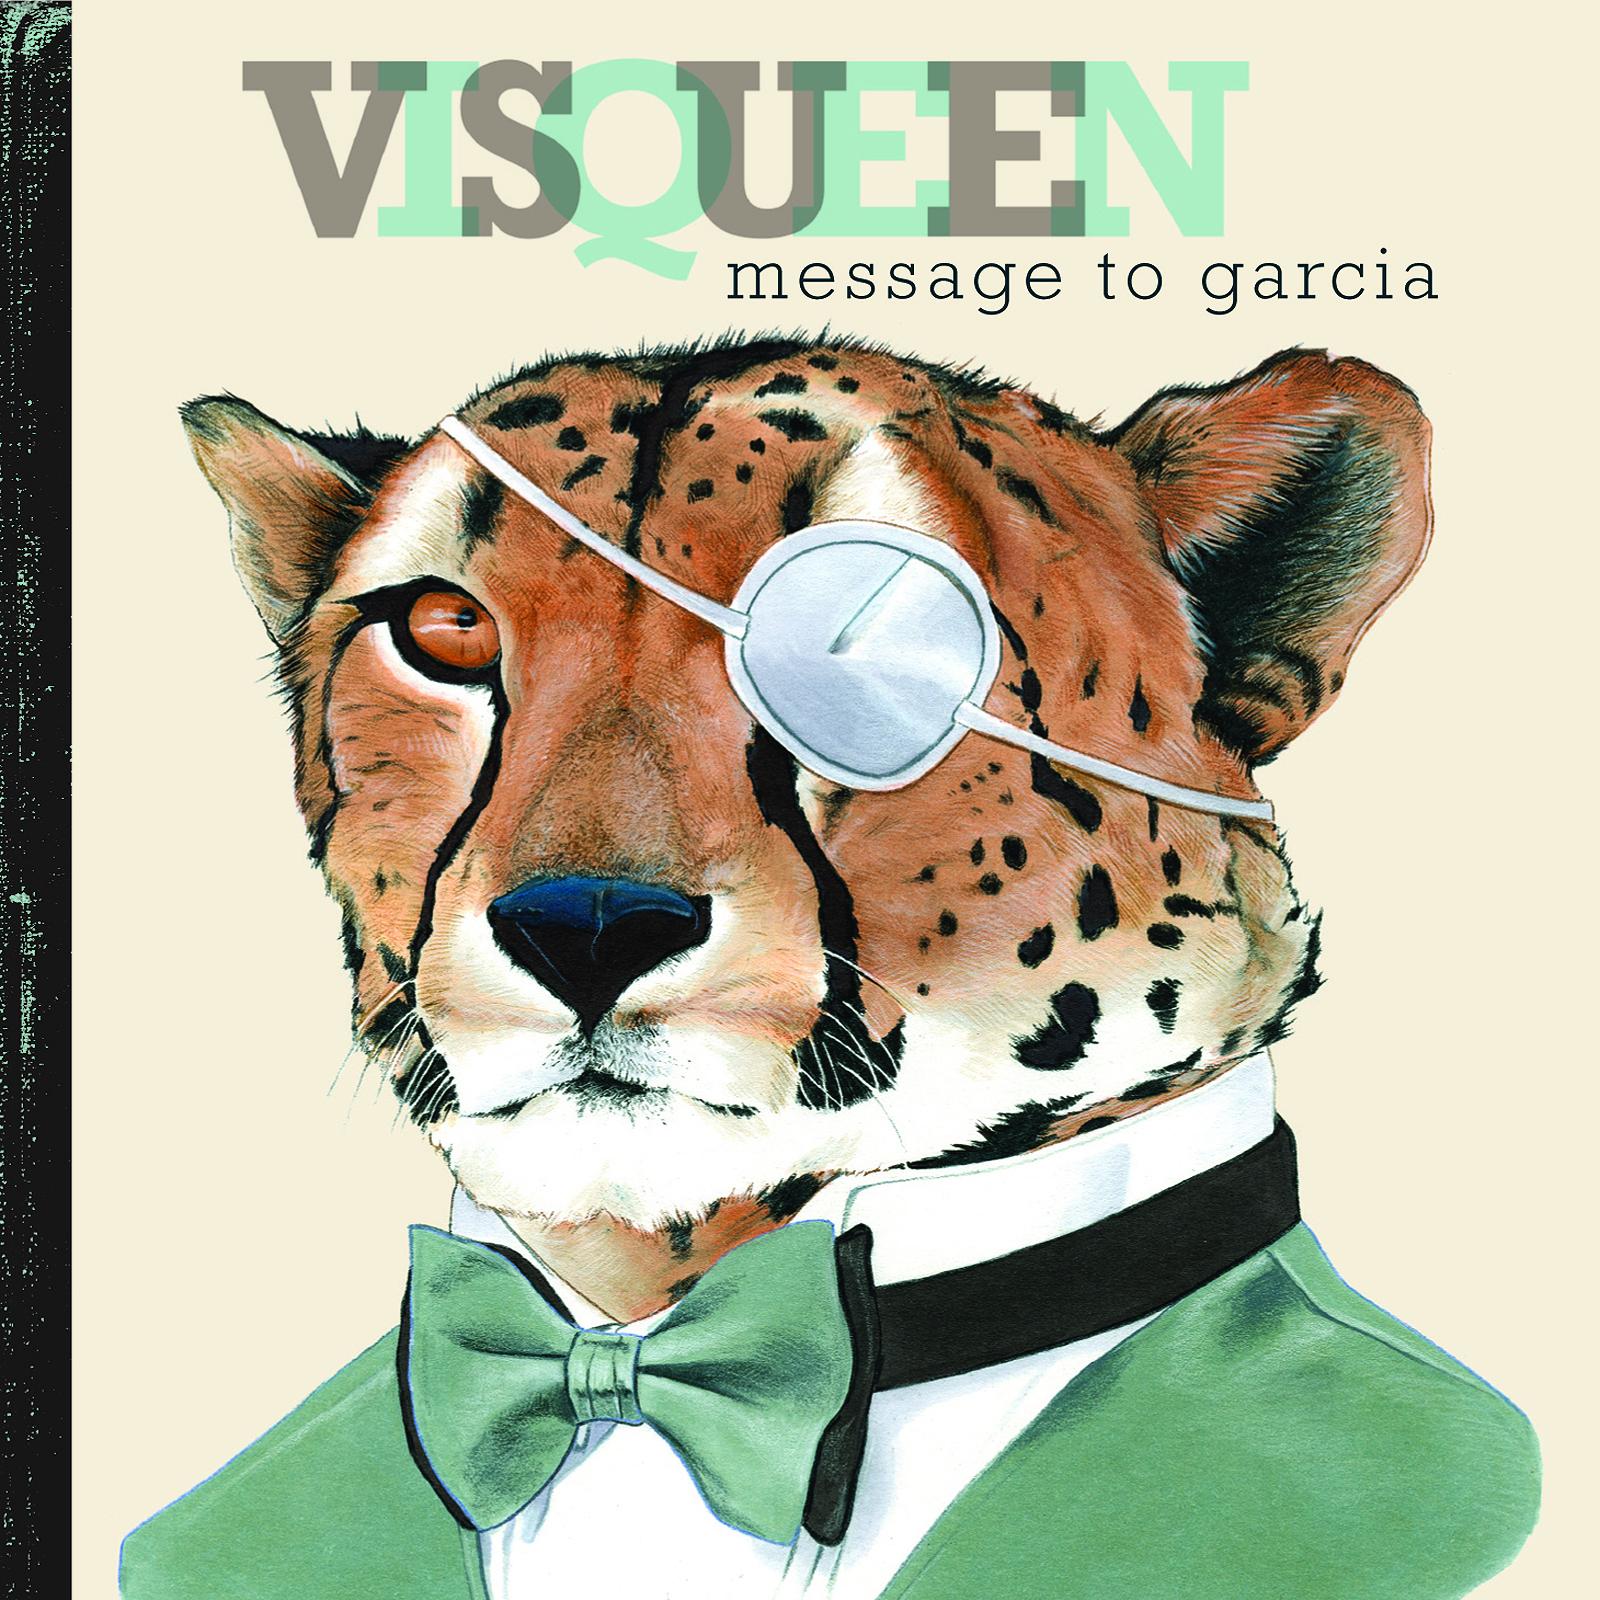 Message To Garcia by Visqueen